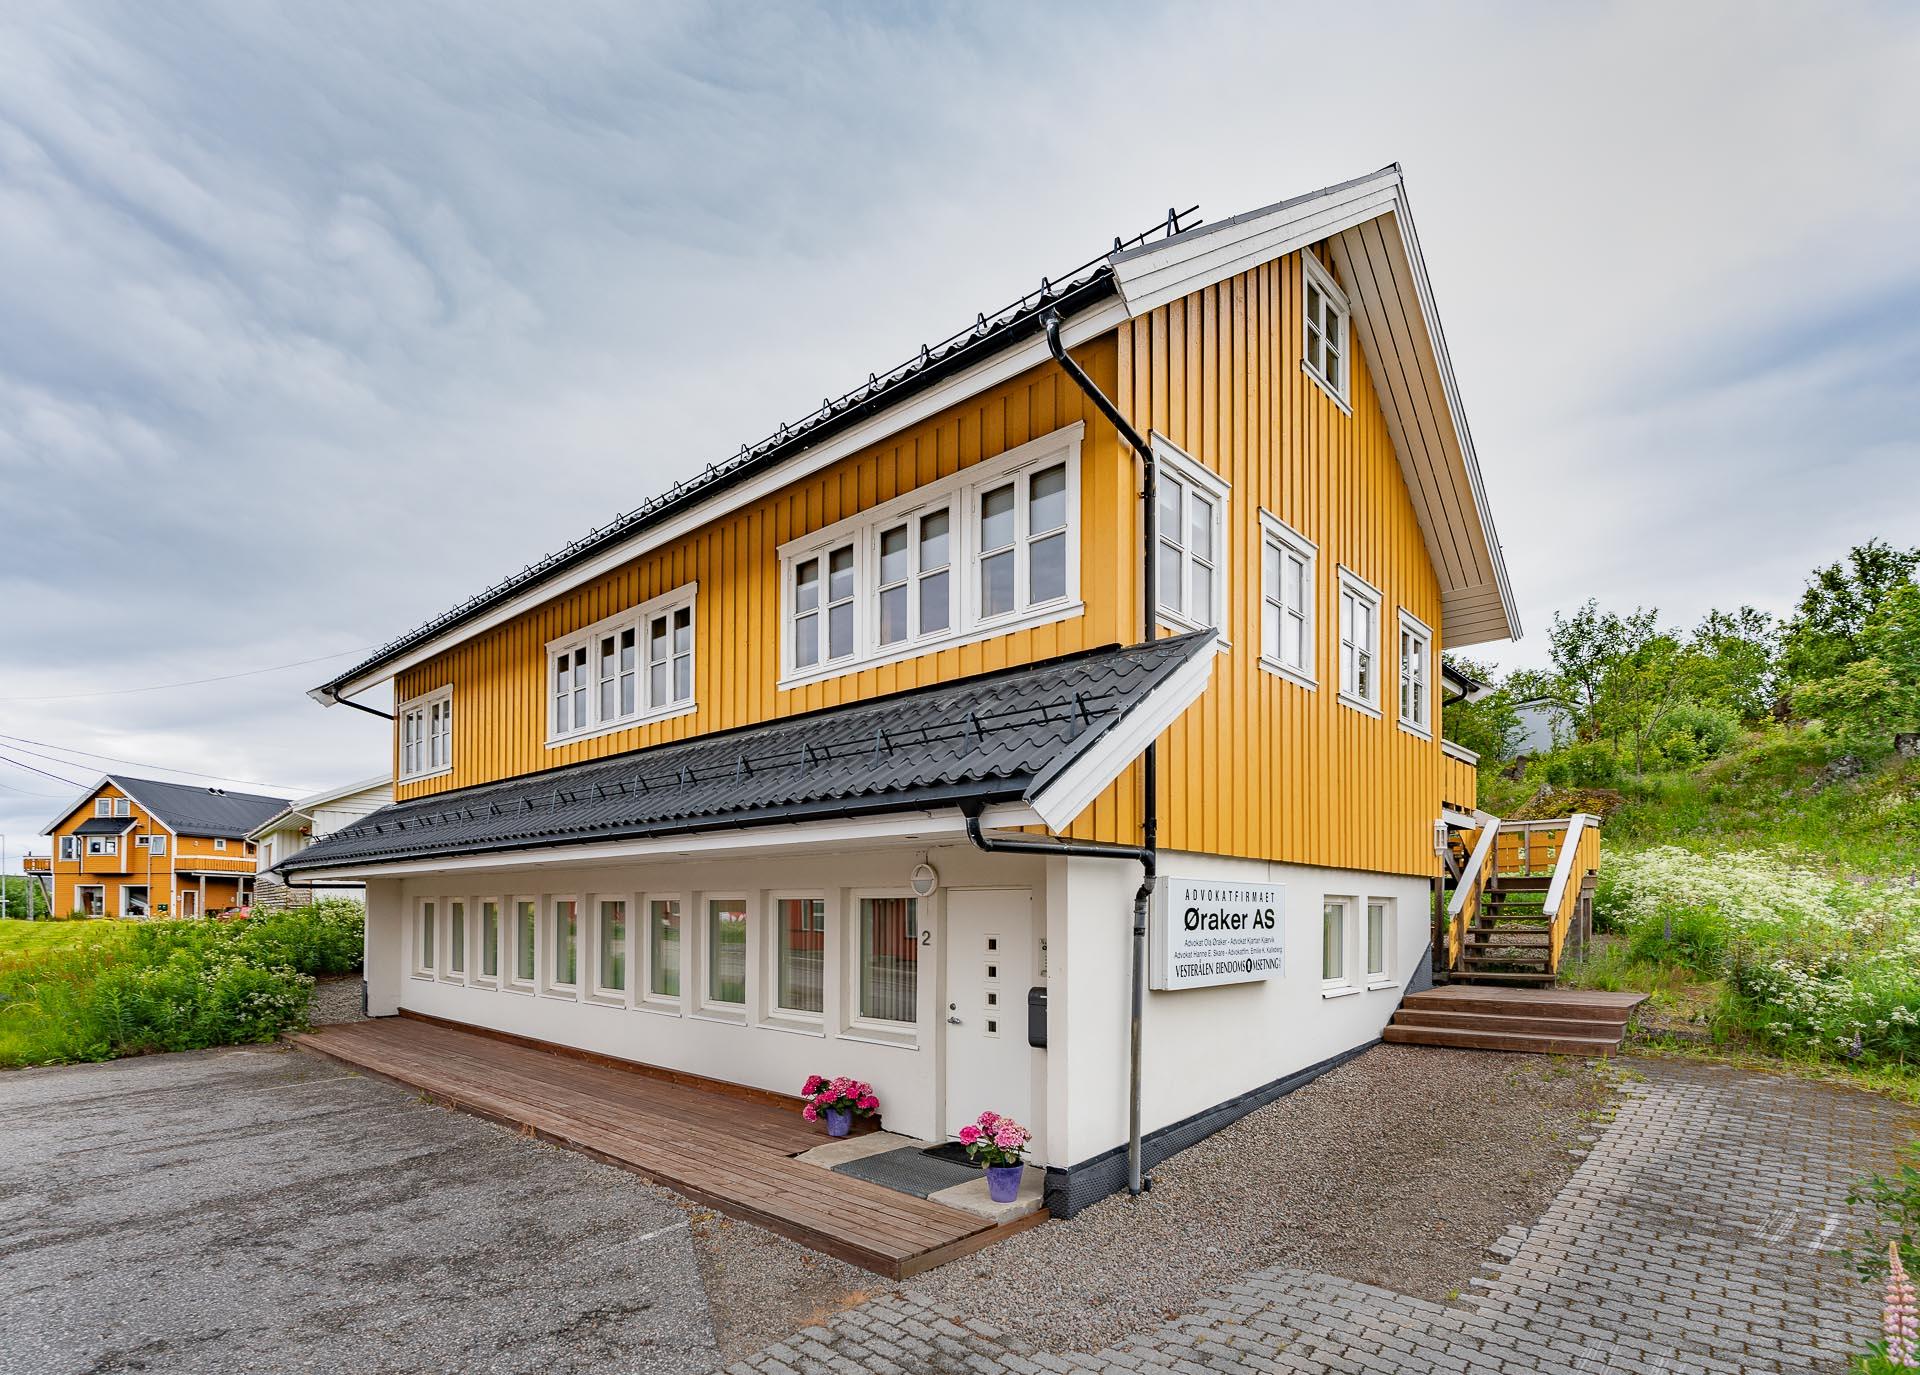 Advokatfirmaet Øraker